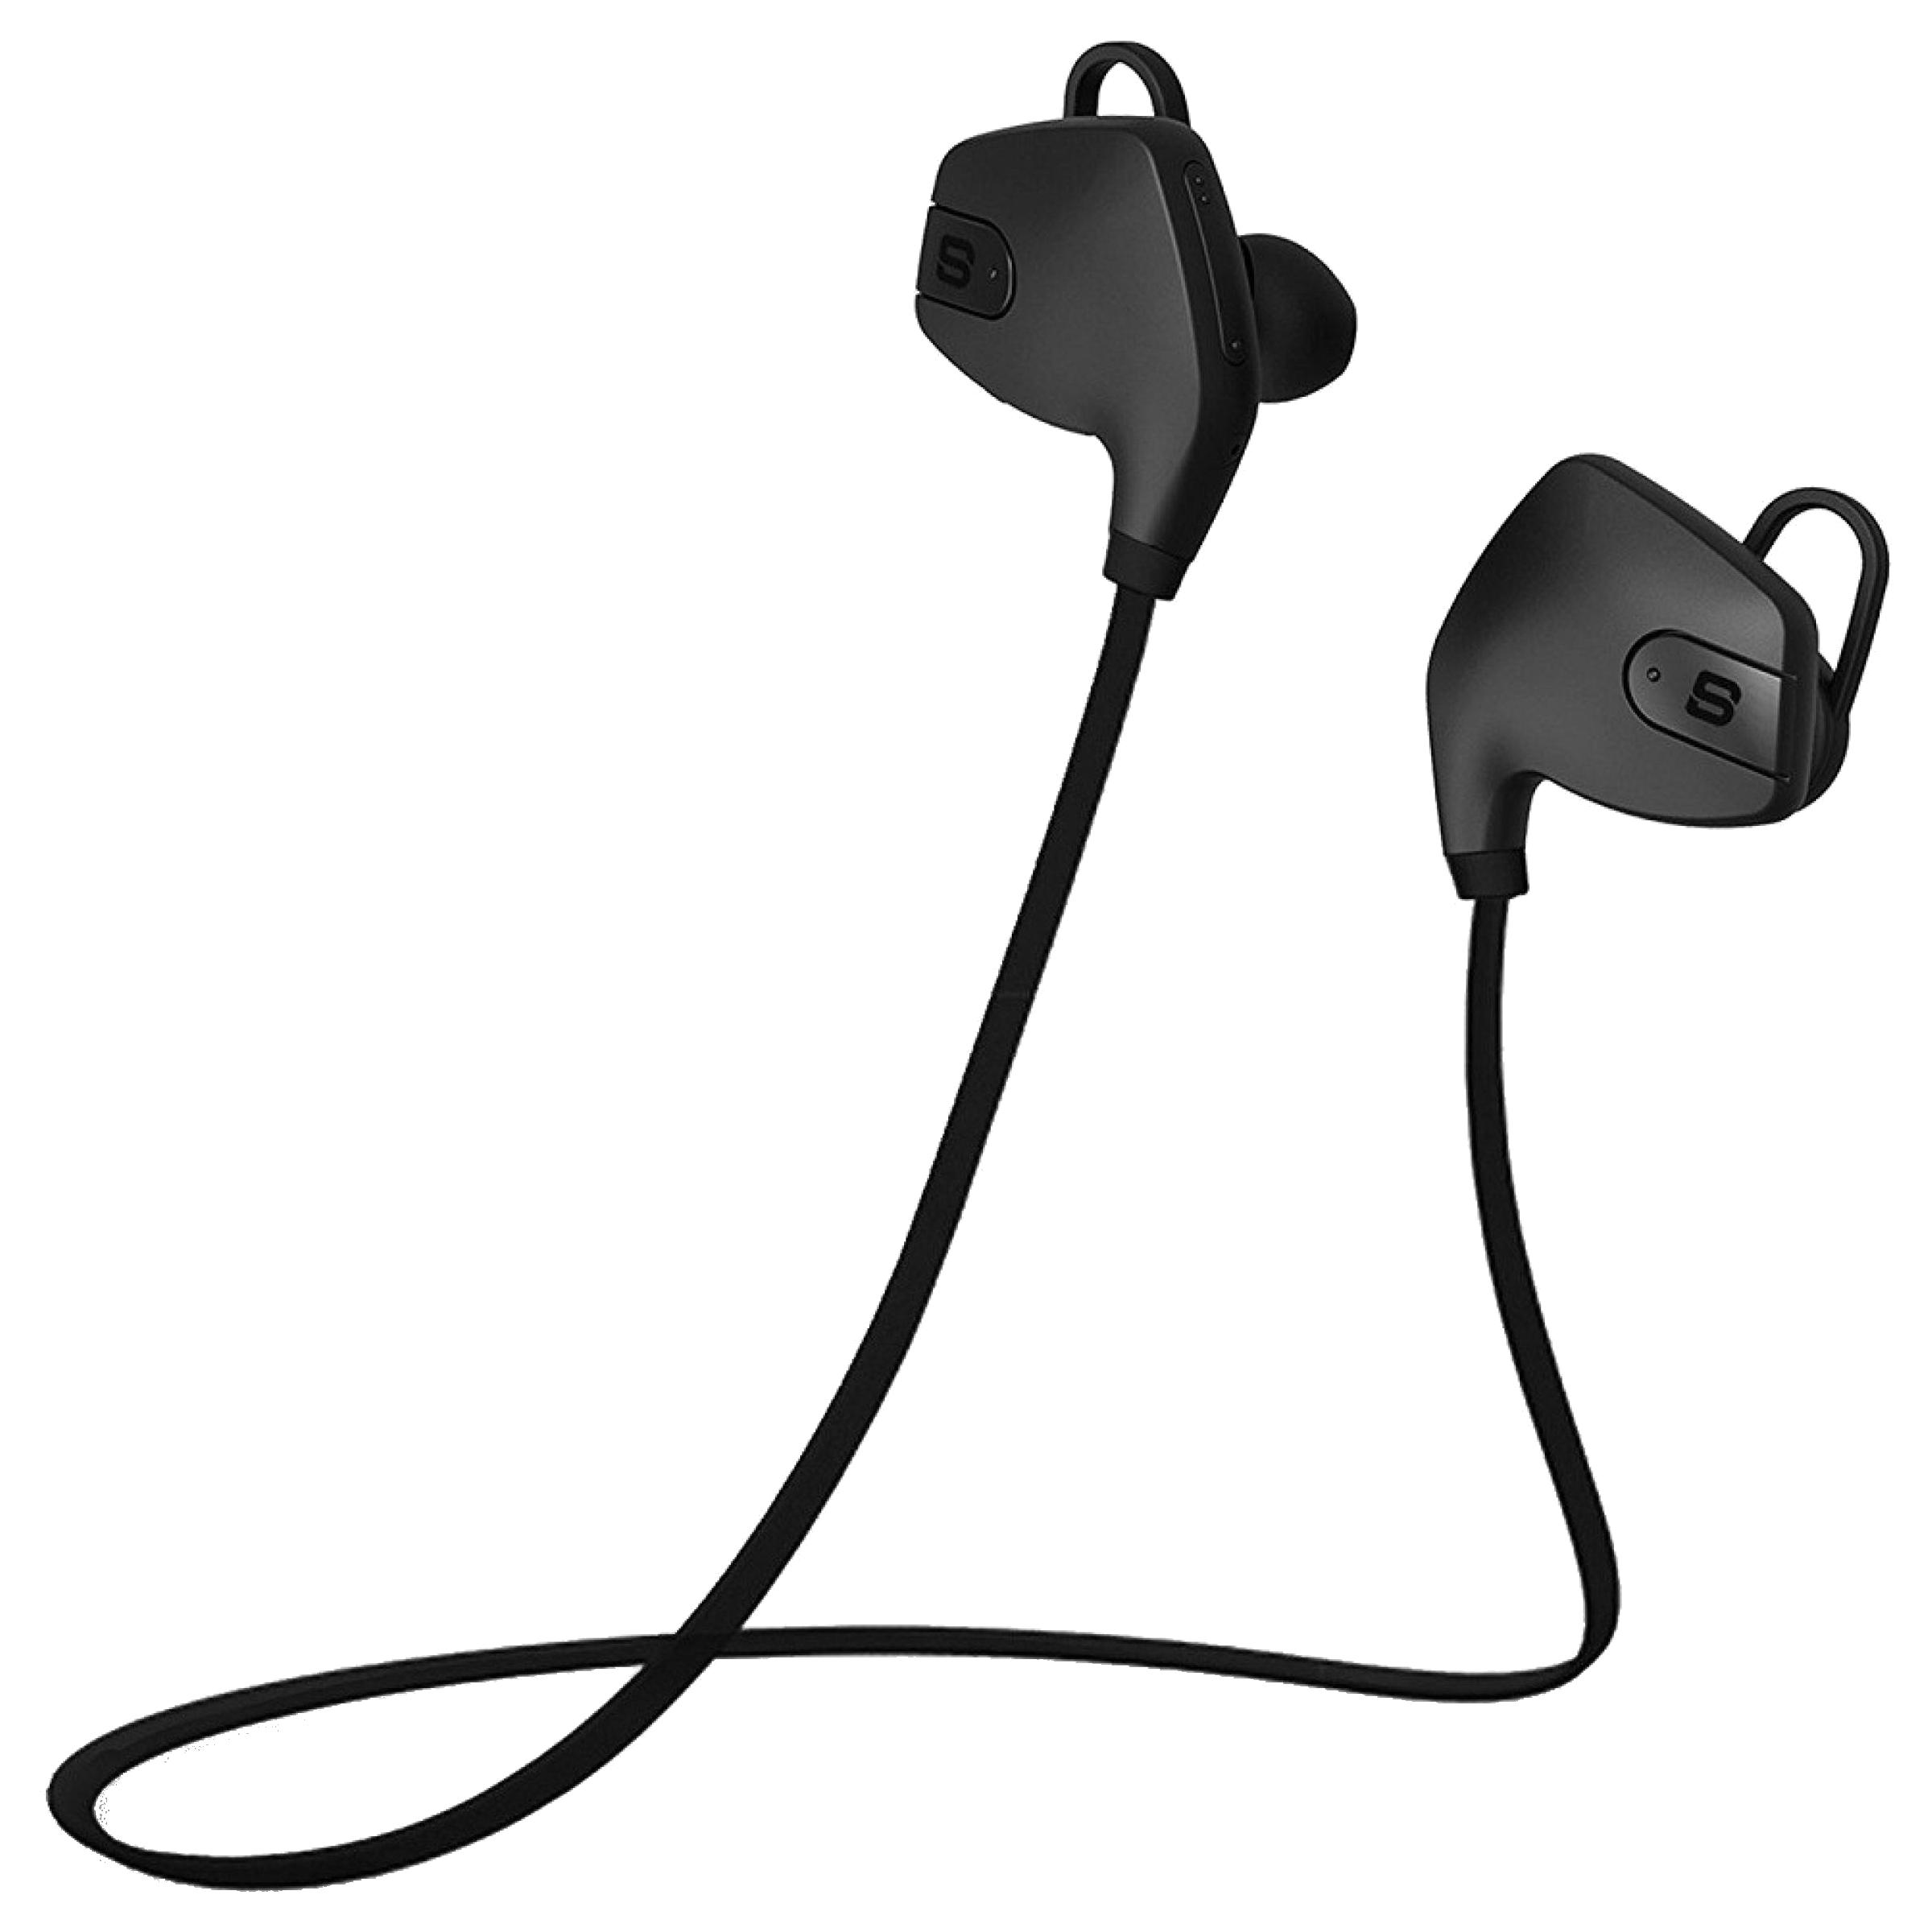 SoundBot In-Ear Wireless Earphone with Mic (Bluetooth 4.0, Water Resistant, SB565, Black)_1